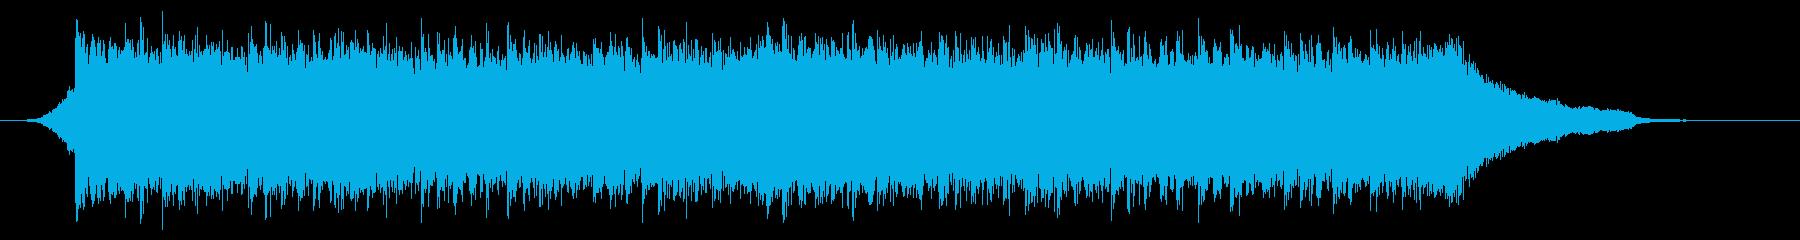 企業VP映像、121オーケストラ、爽快cの再生済みの波形